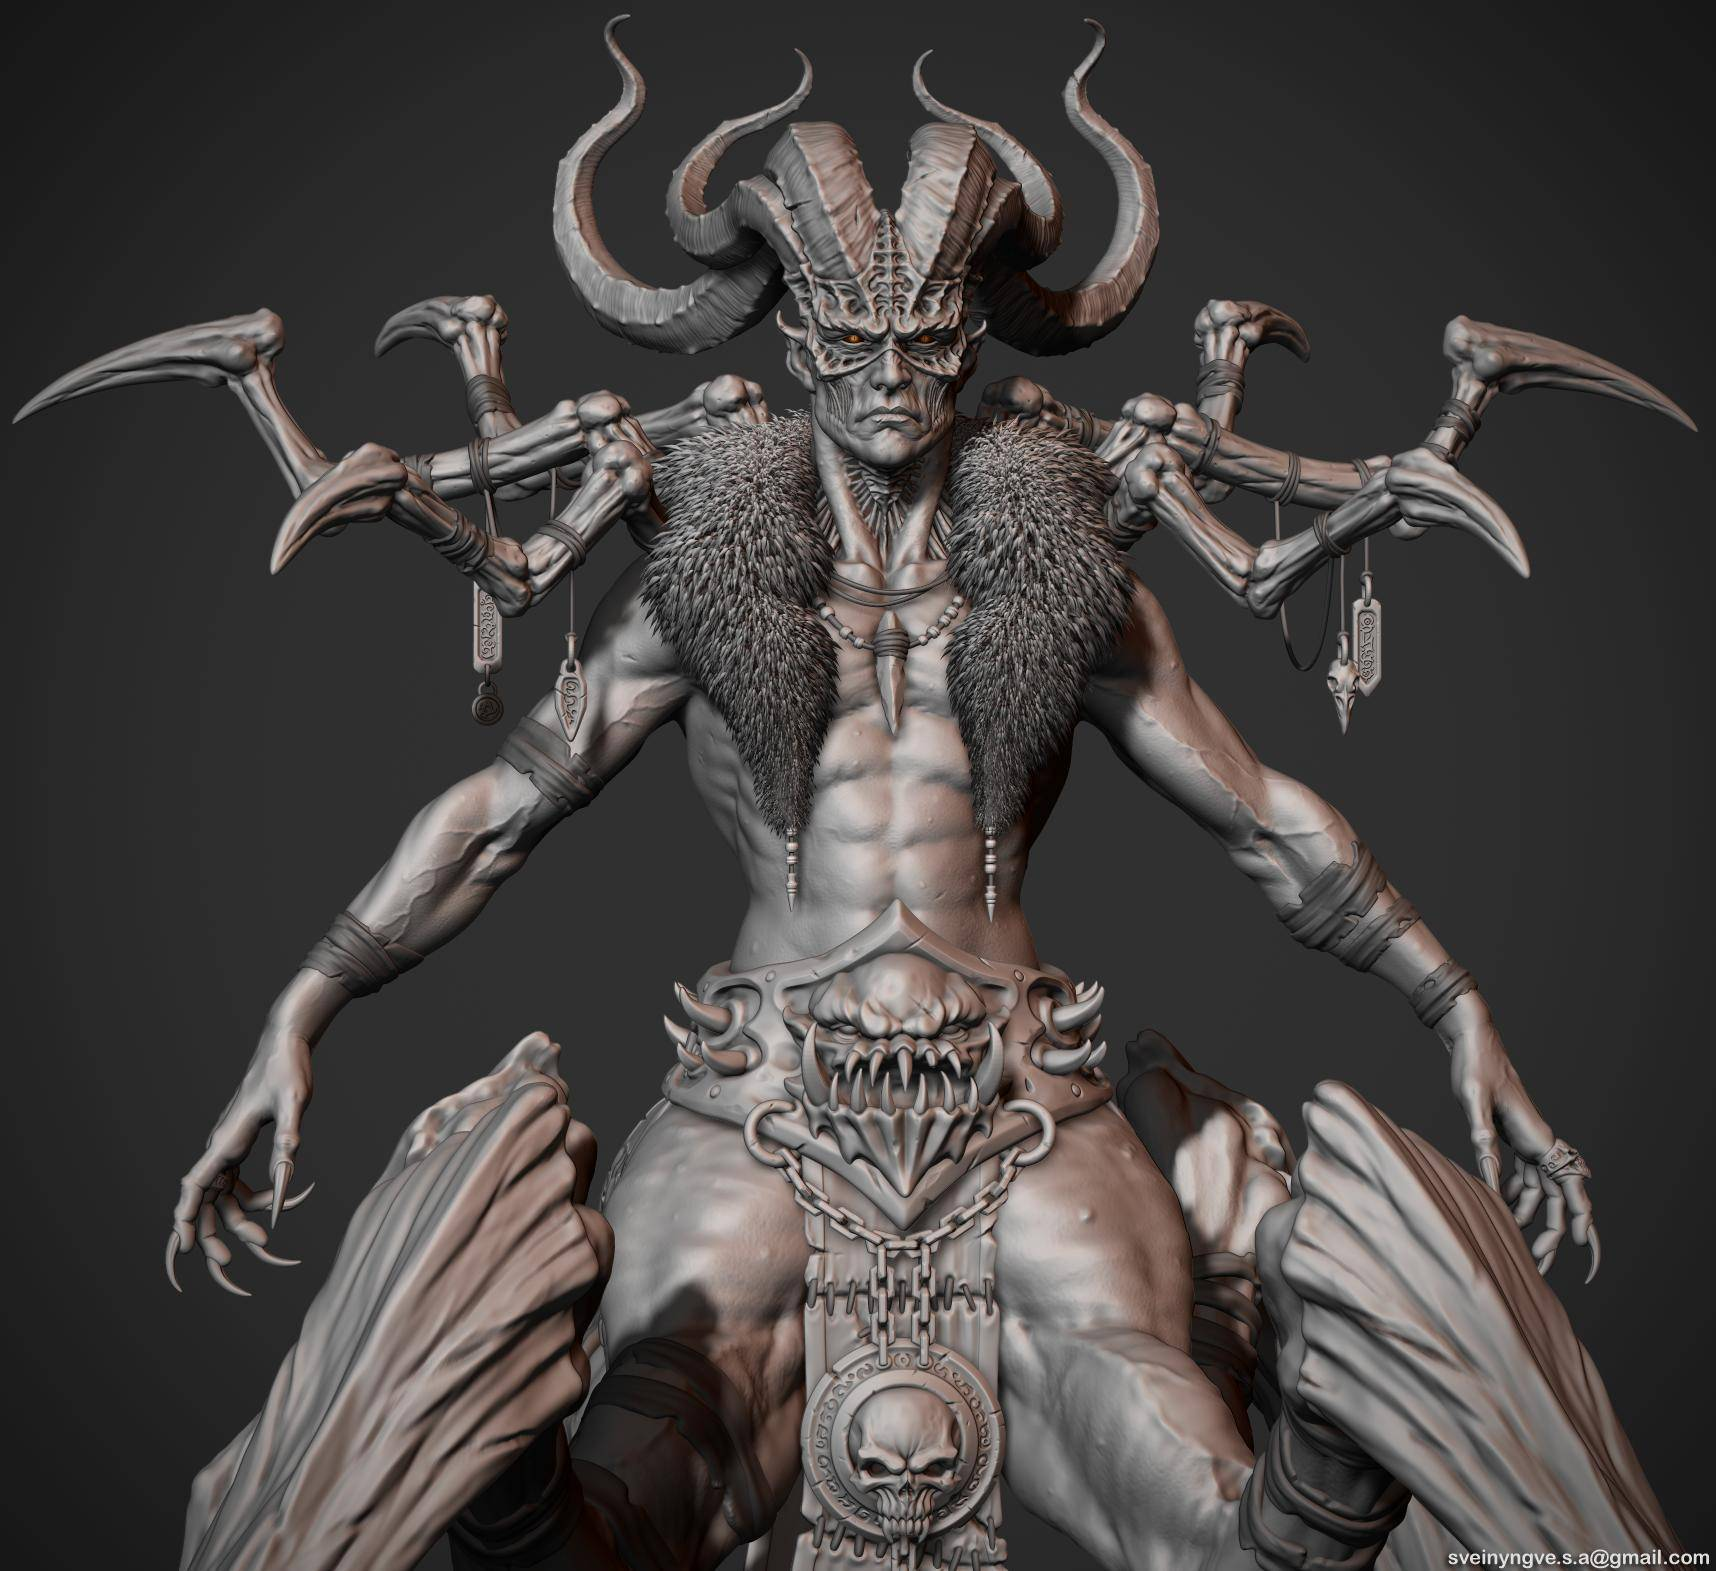 Имена демонов | хронокод.ру факты, гипотезы, мистика, паранормальное, жизнь после смерти, продажа души дьяволу